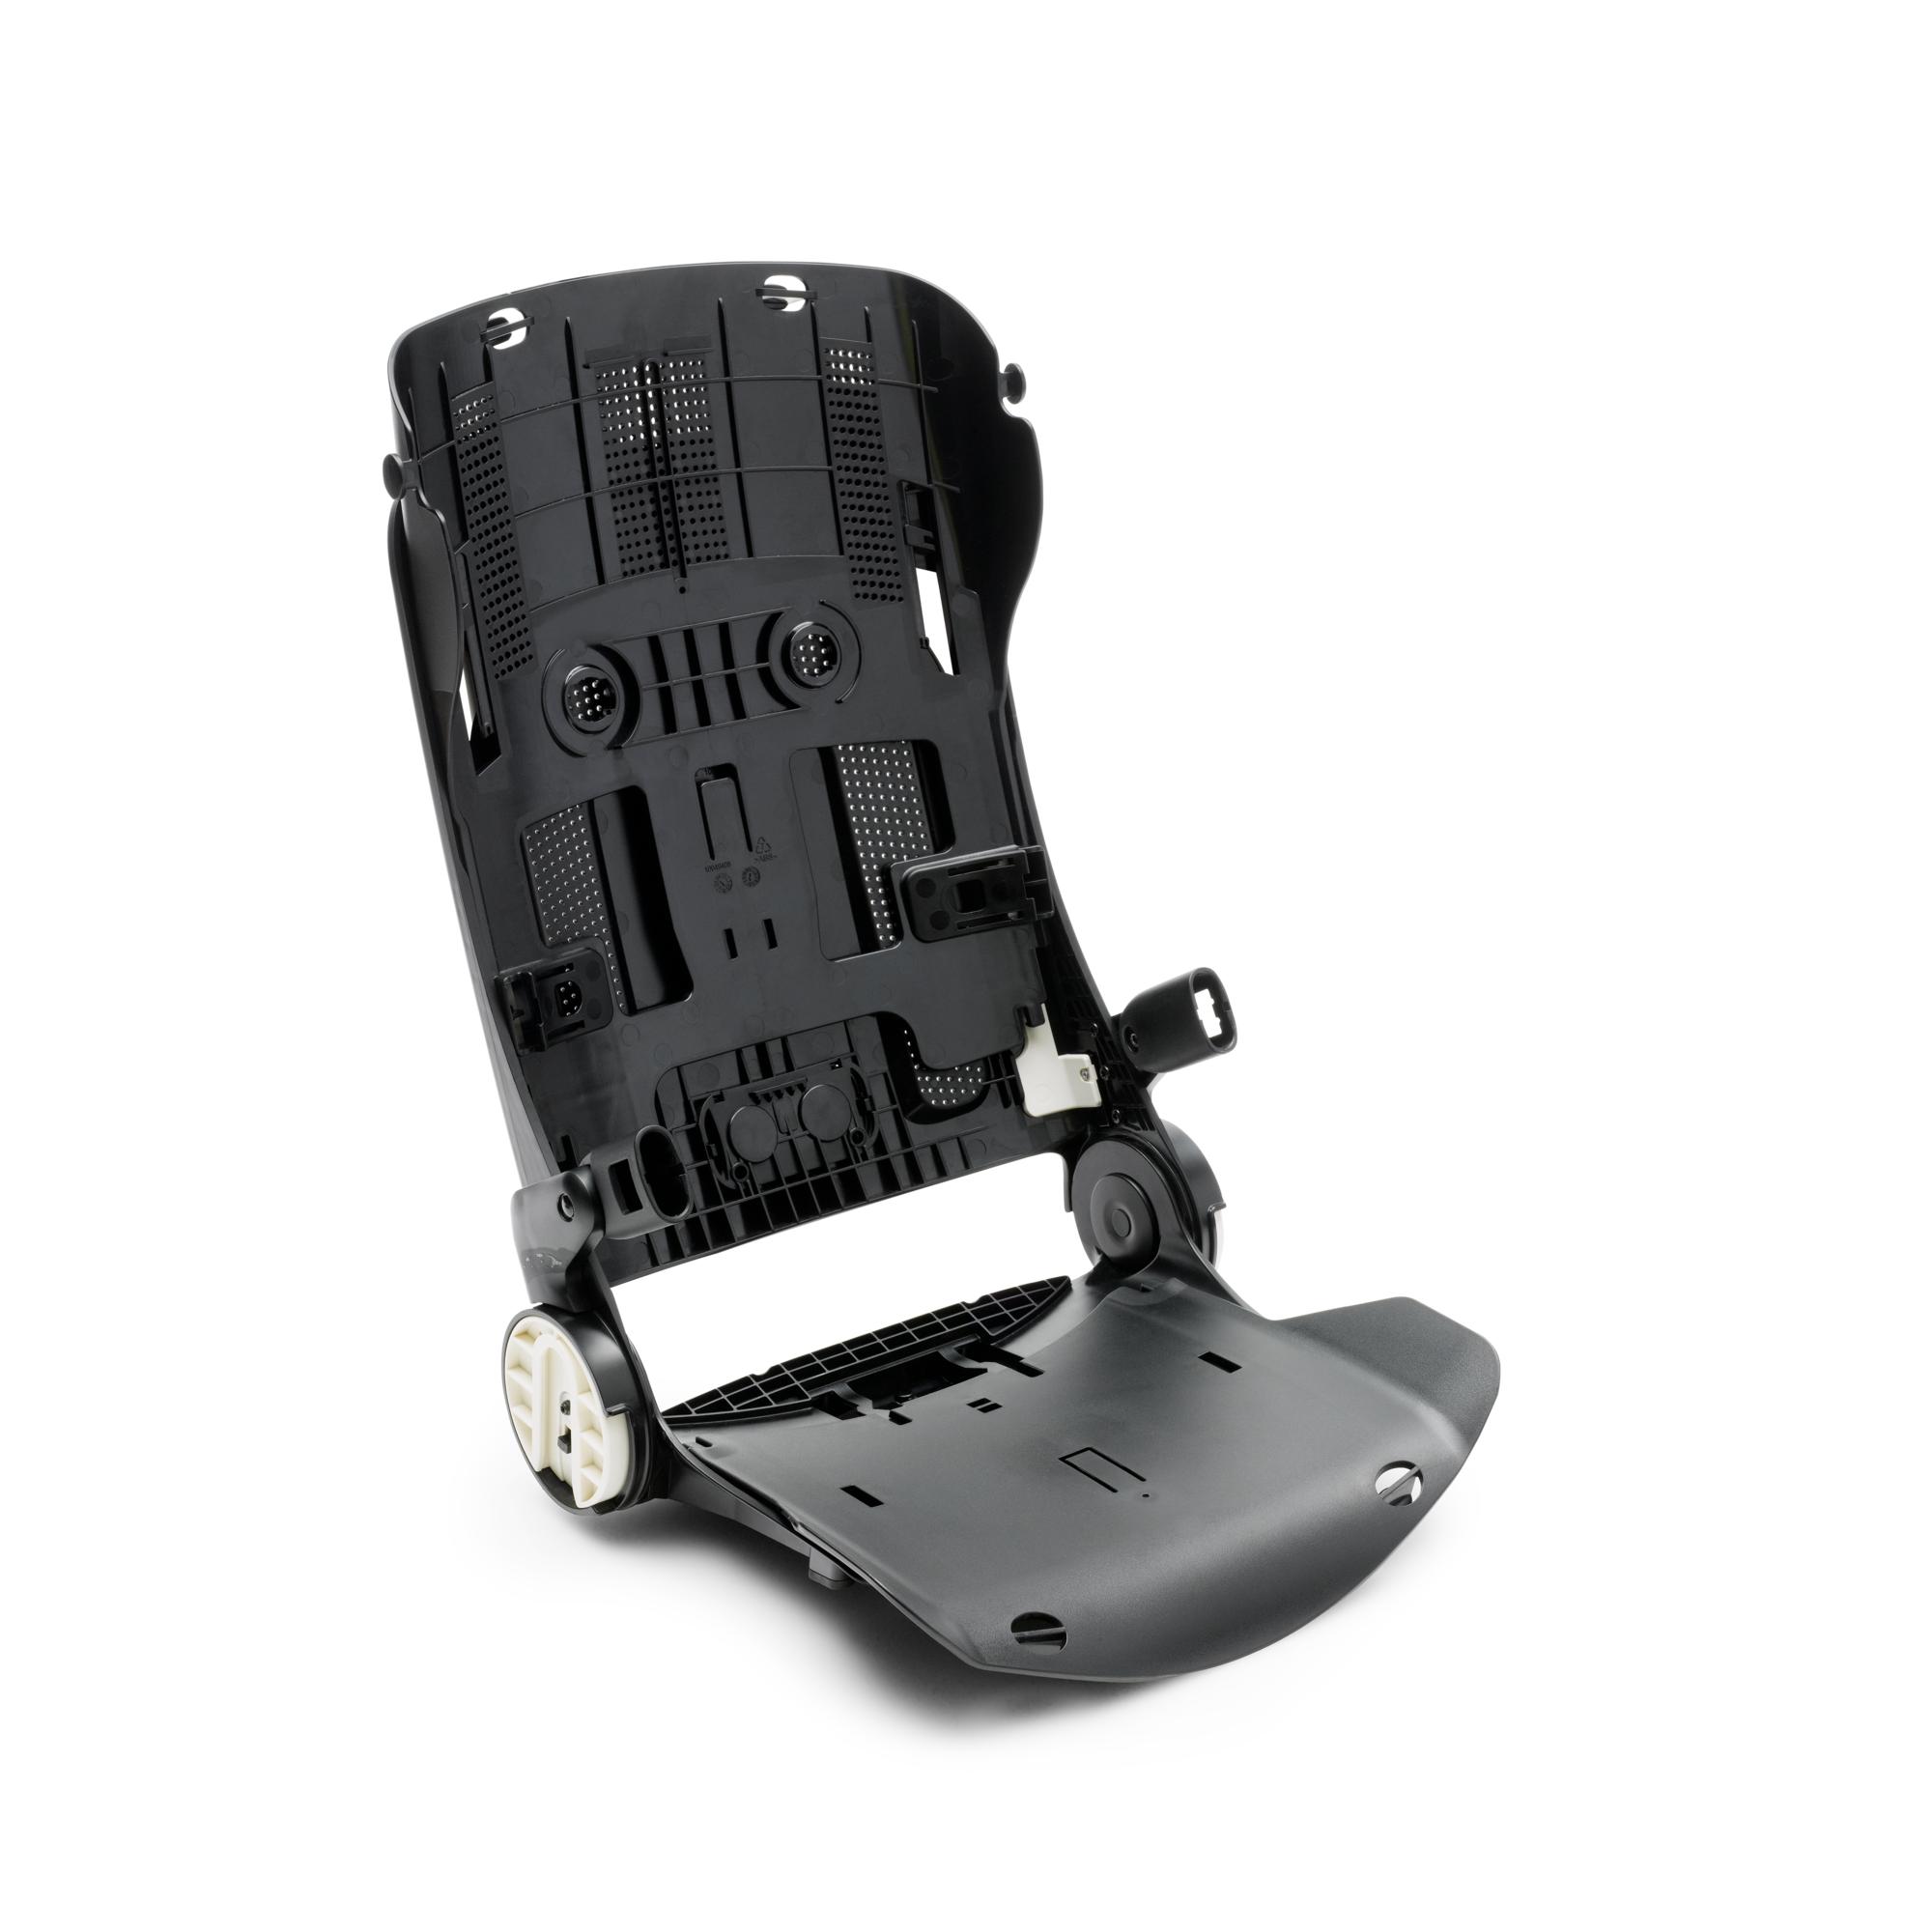 Bugaboo Bee 6 seat hardware  - black